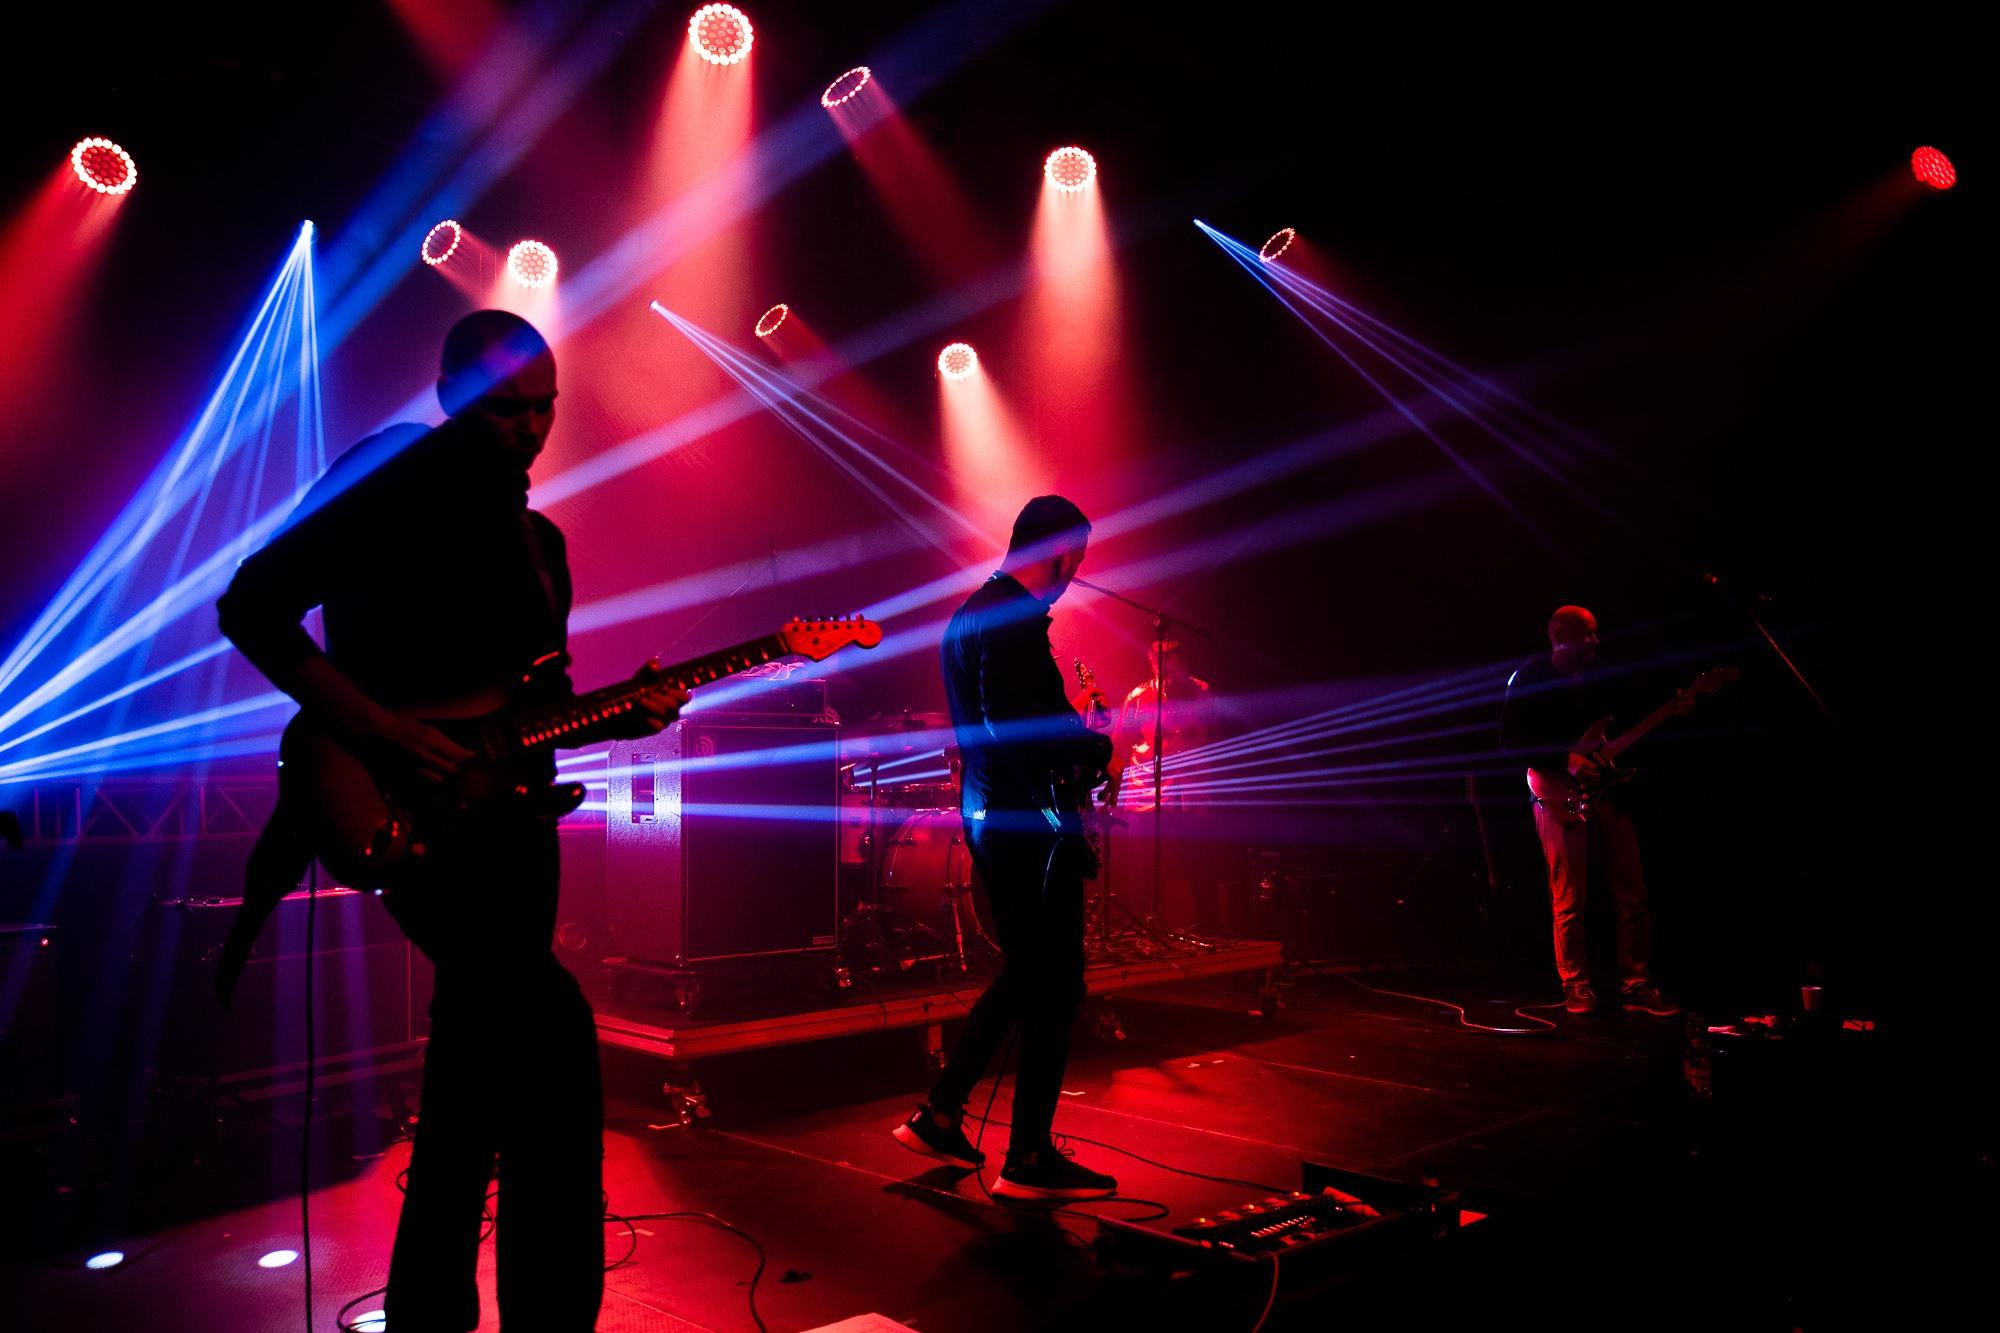 [Zdjęcie z koncertu. Trzech mężczyzn gra na gitarach. Oświetla ich czerwone światło przebijane niebieskimi promieniami światła. W tle widać perkusję i statywy z mikrofonami.]